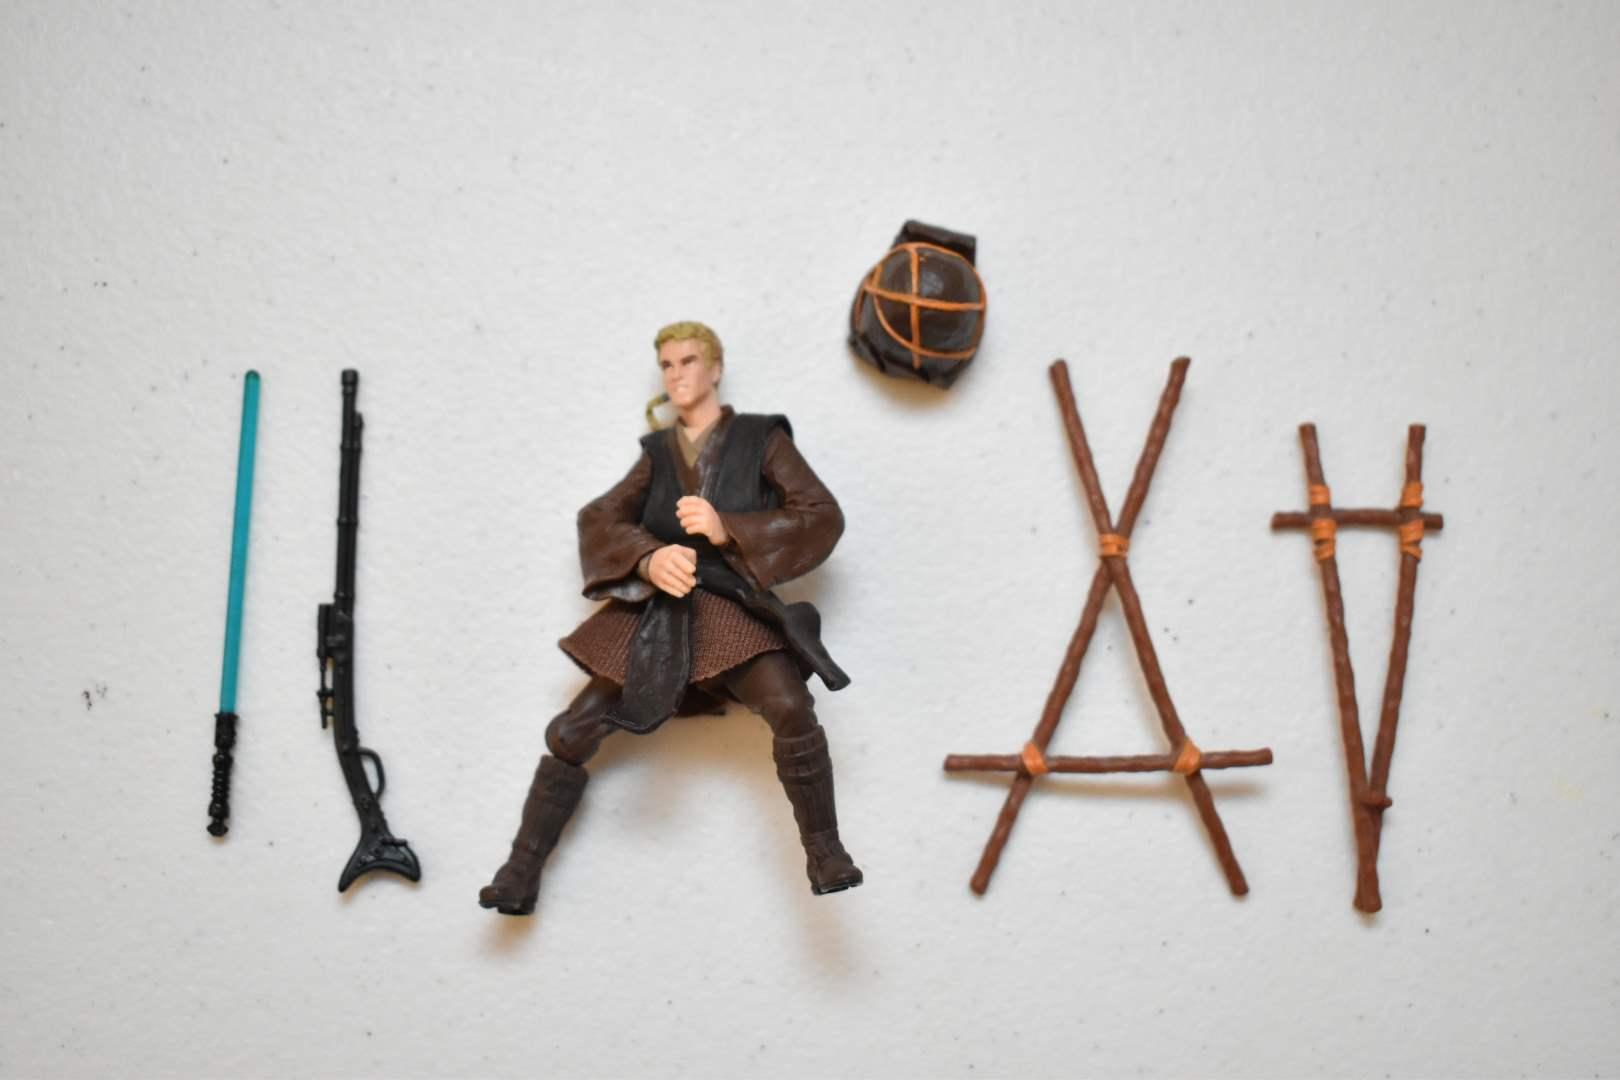 Vintage STAR WARS Anakin Skywalker Tusken Raider Camp Assault